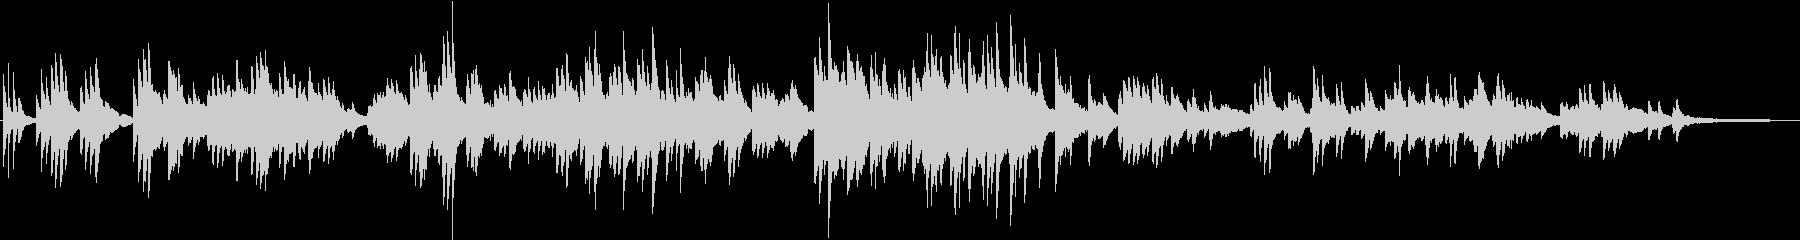 ノスタルジックで切ない 和風なピアノソロの未再生の波形